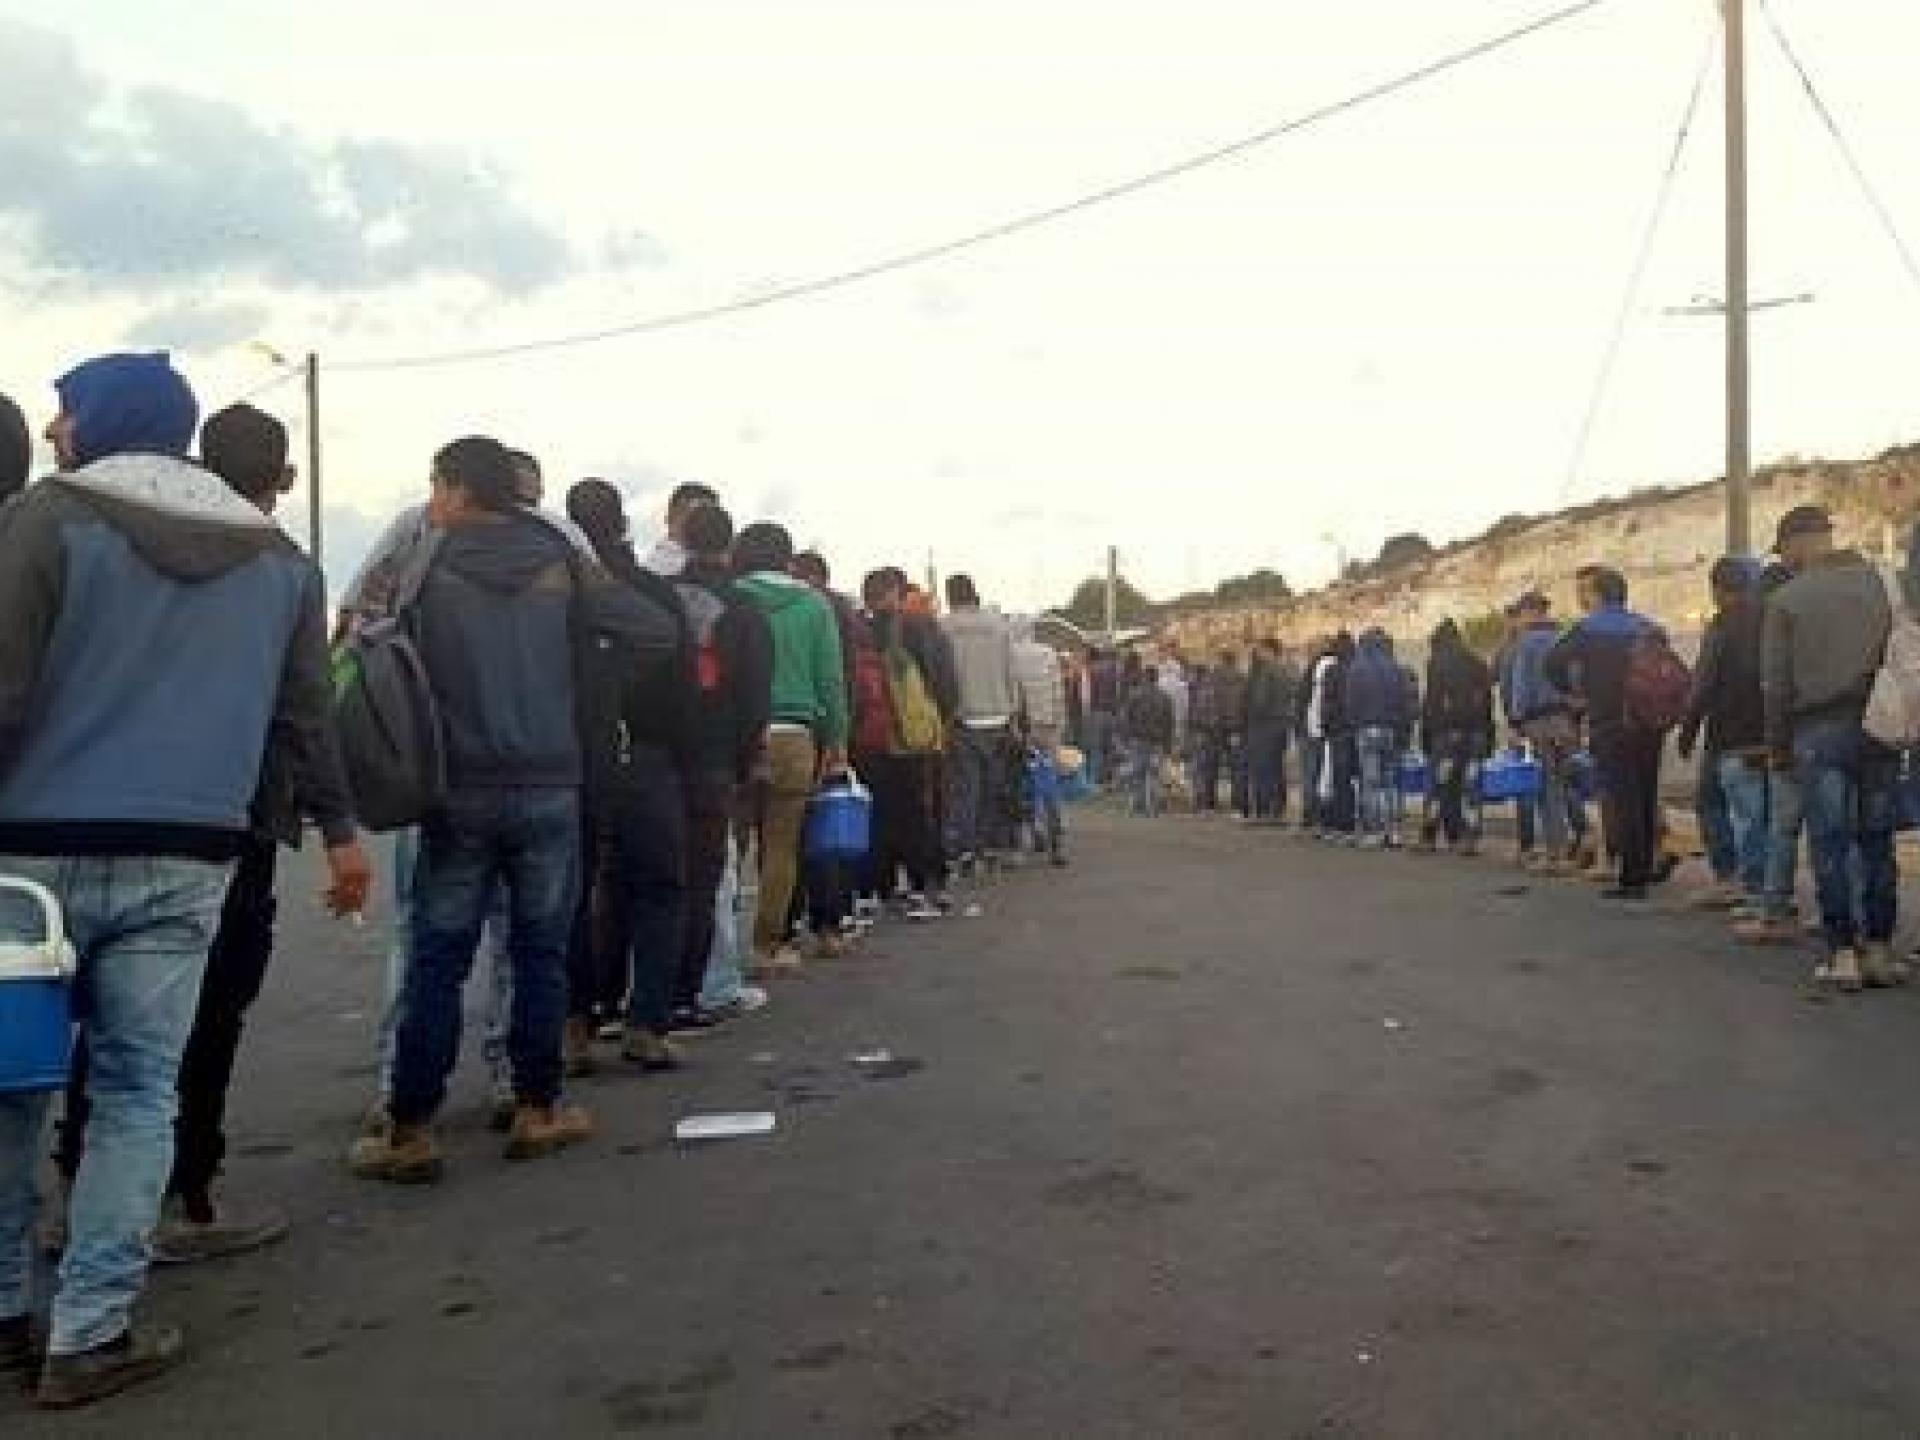 מחסום ברטעה 0555: פועלים יוצאים לעבוד בישראל. תור מפוצל מתקדם לאט לעבר הטרמינל